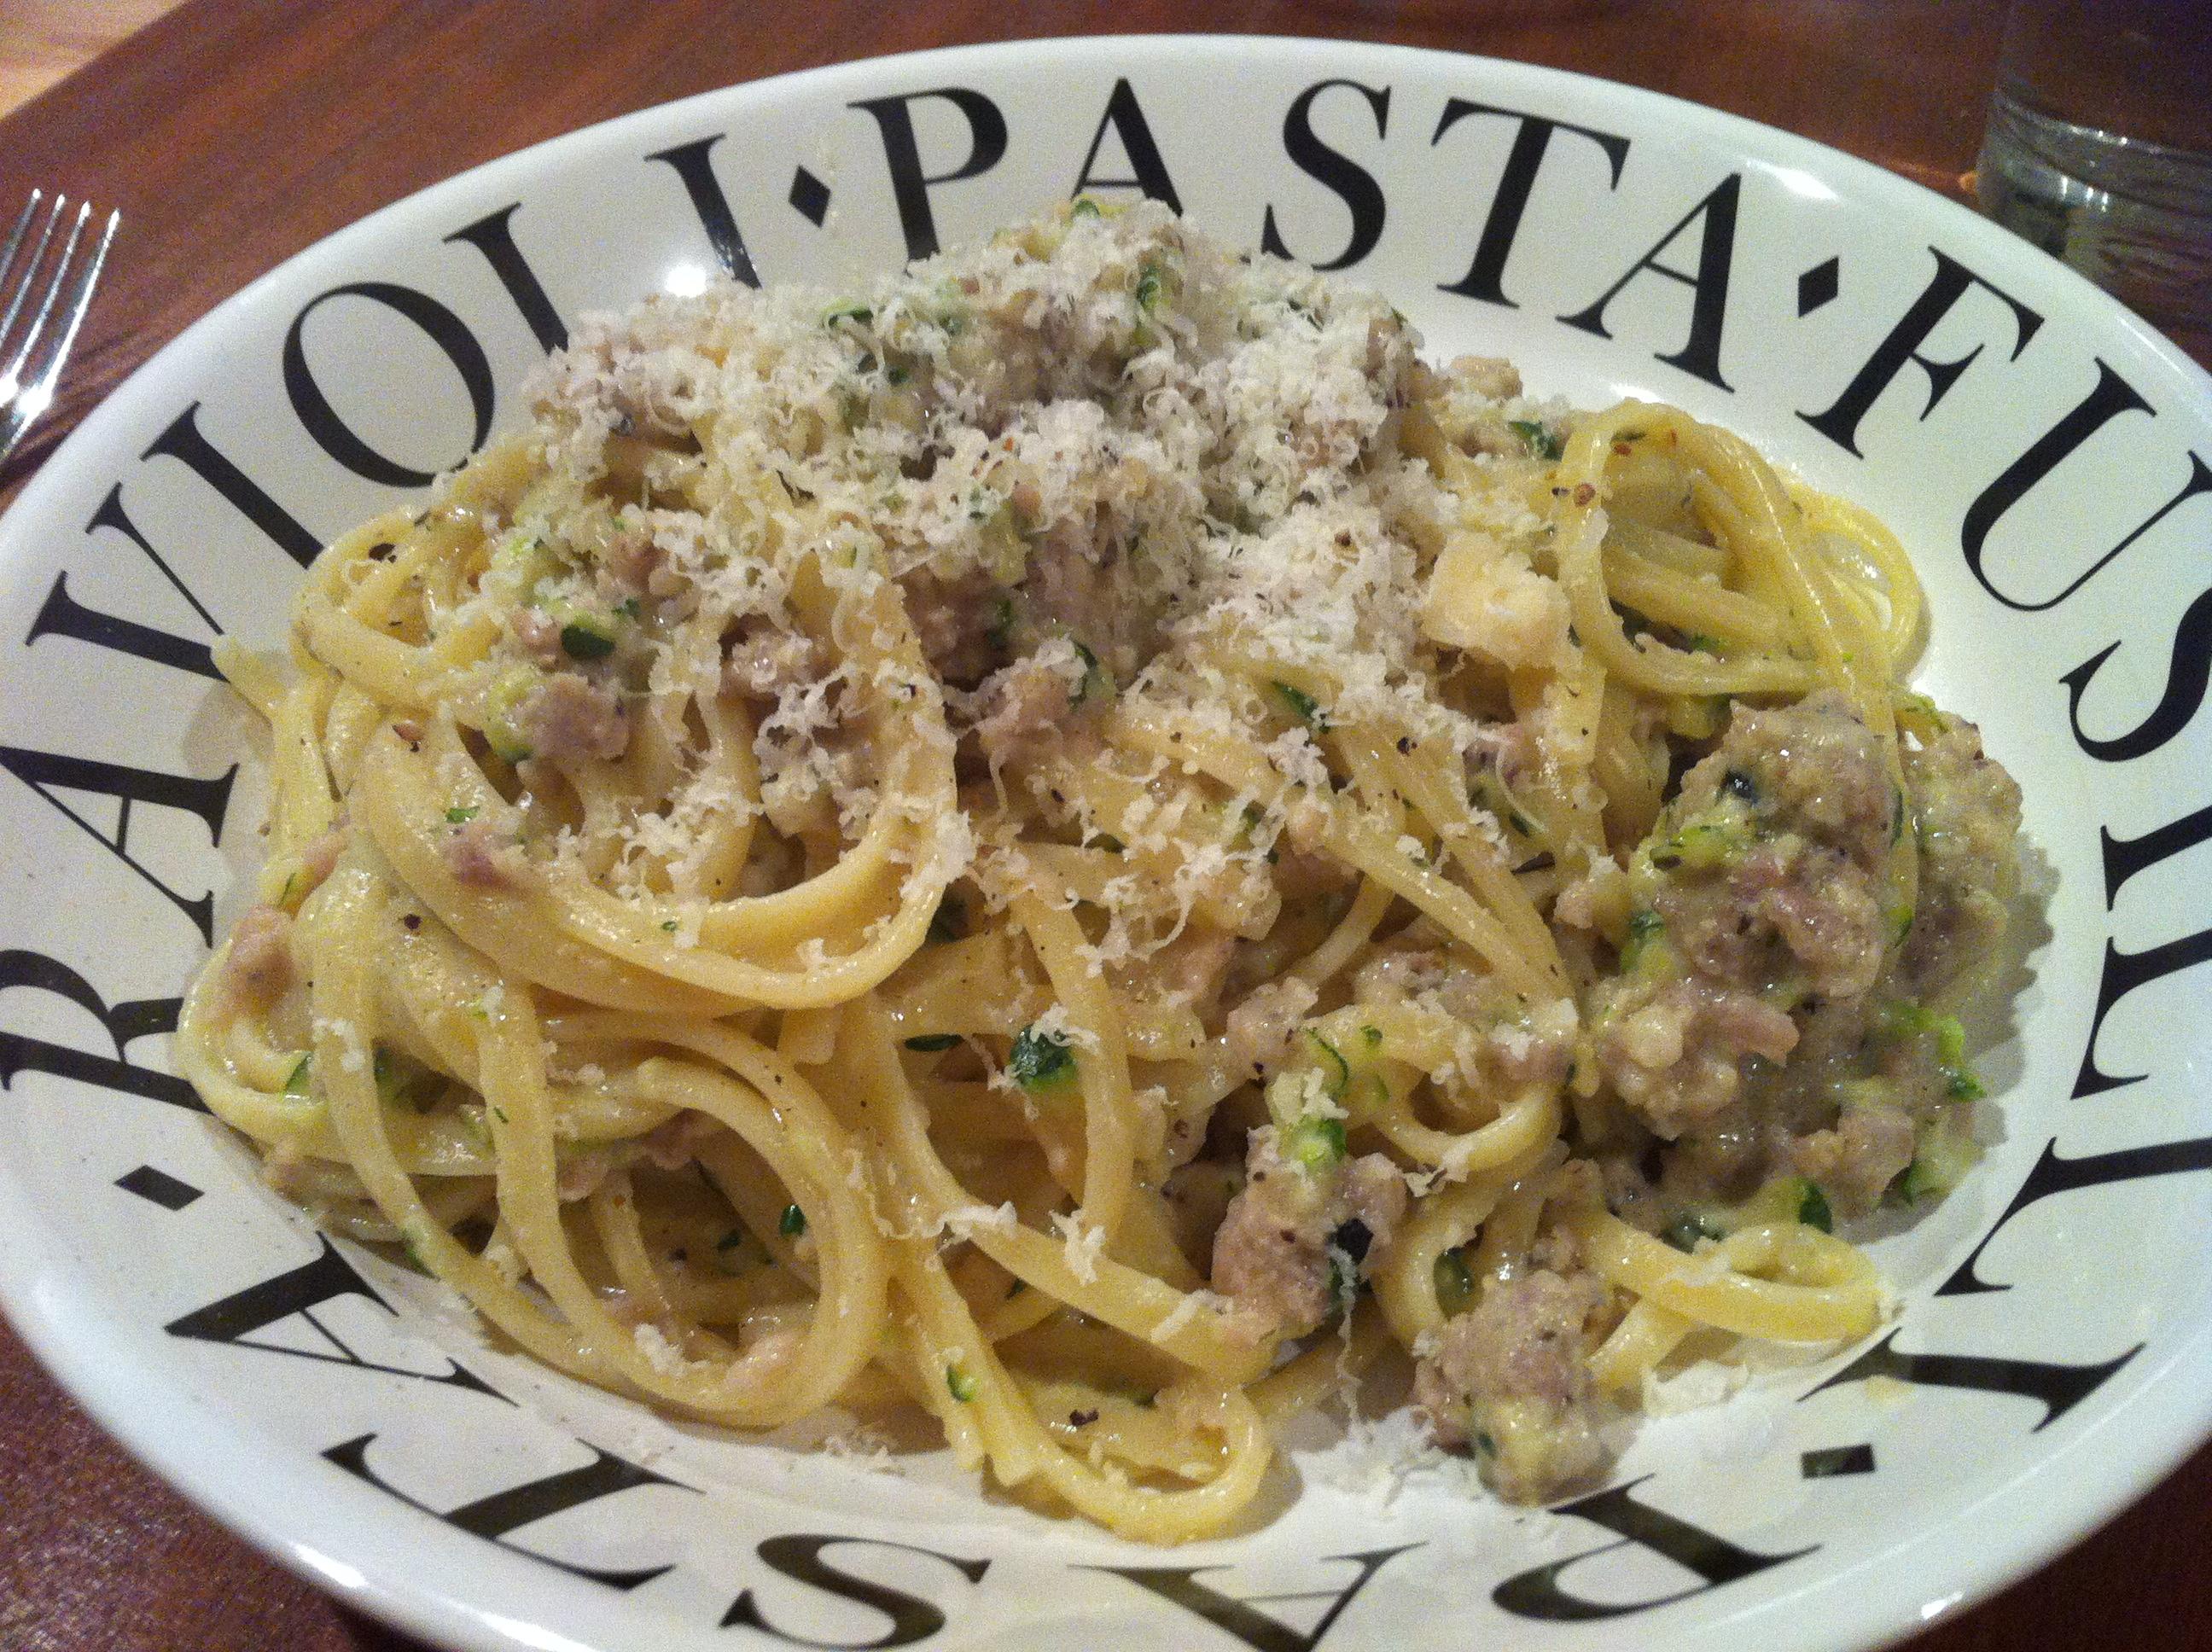 salsiccia pasta